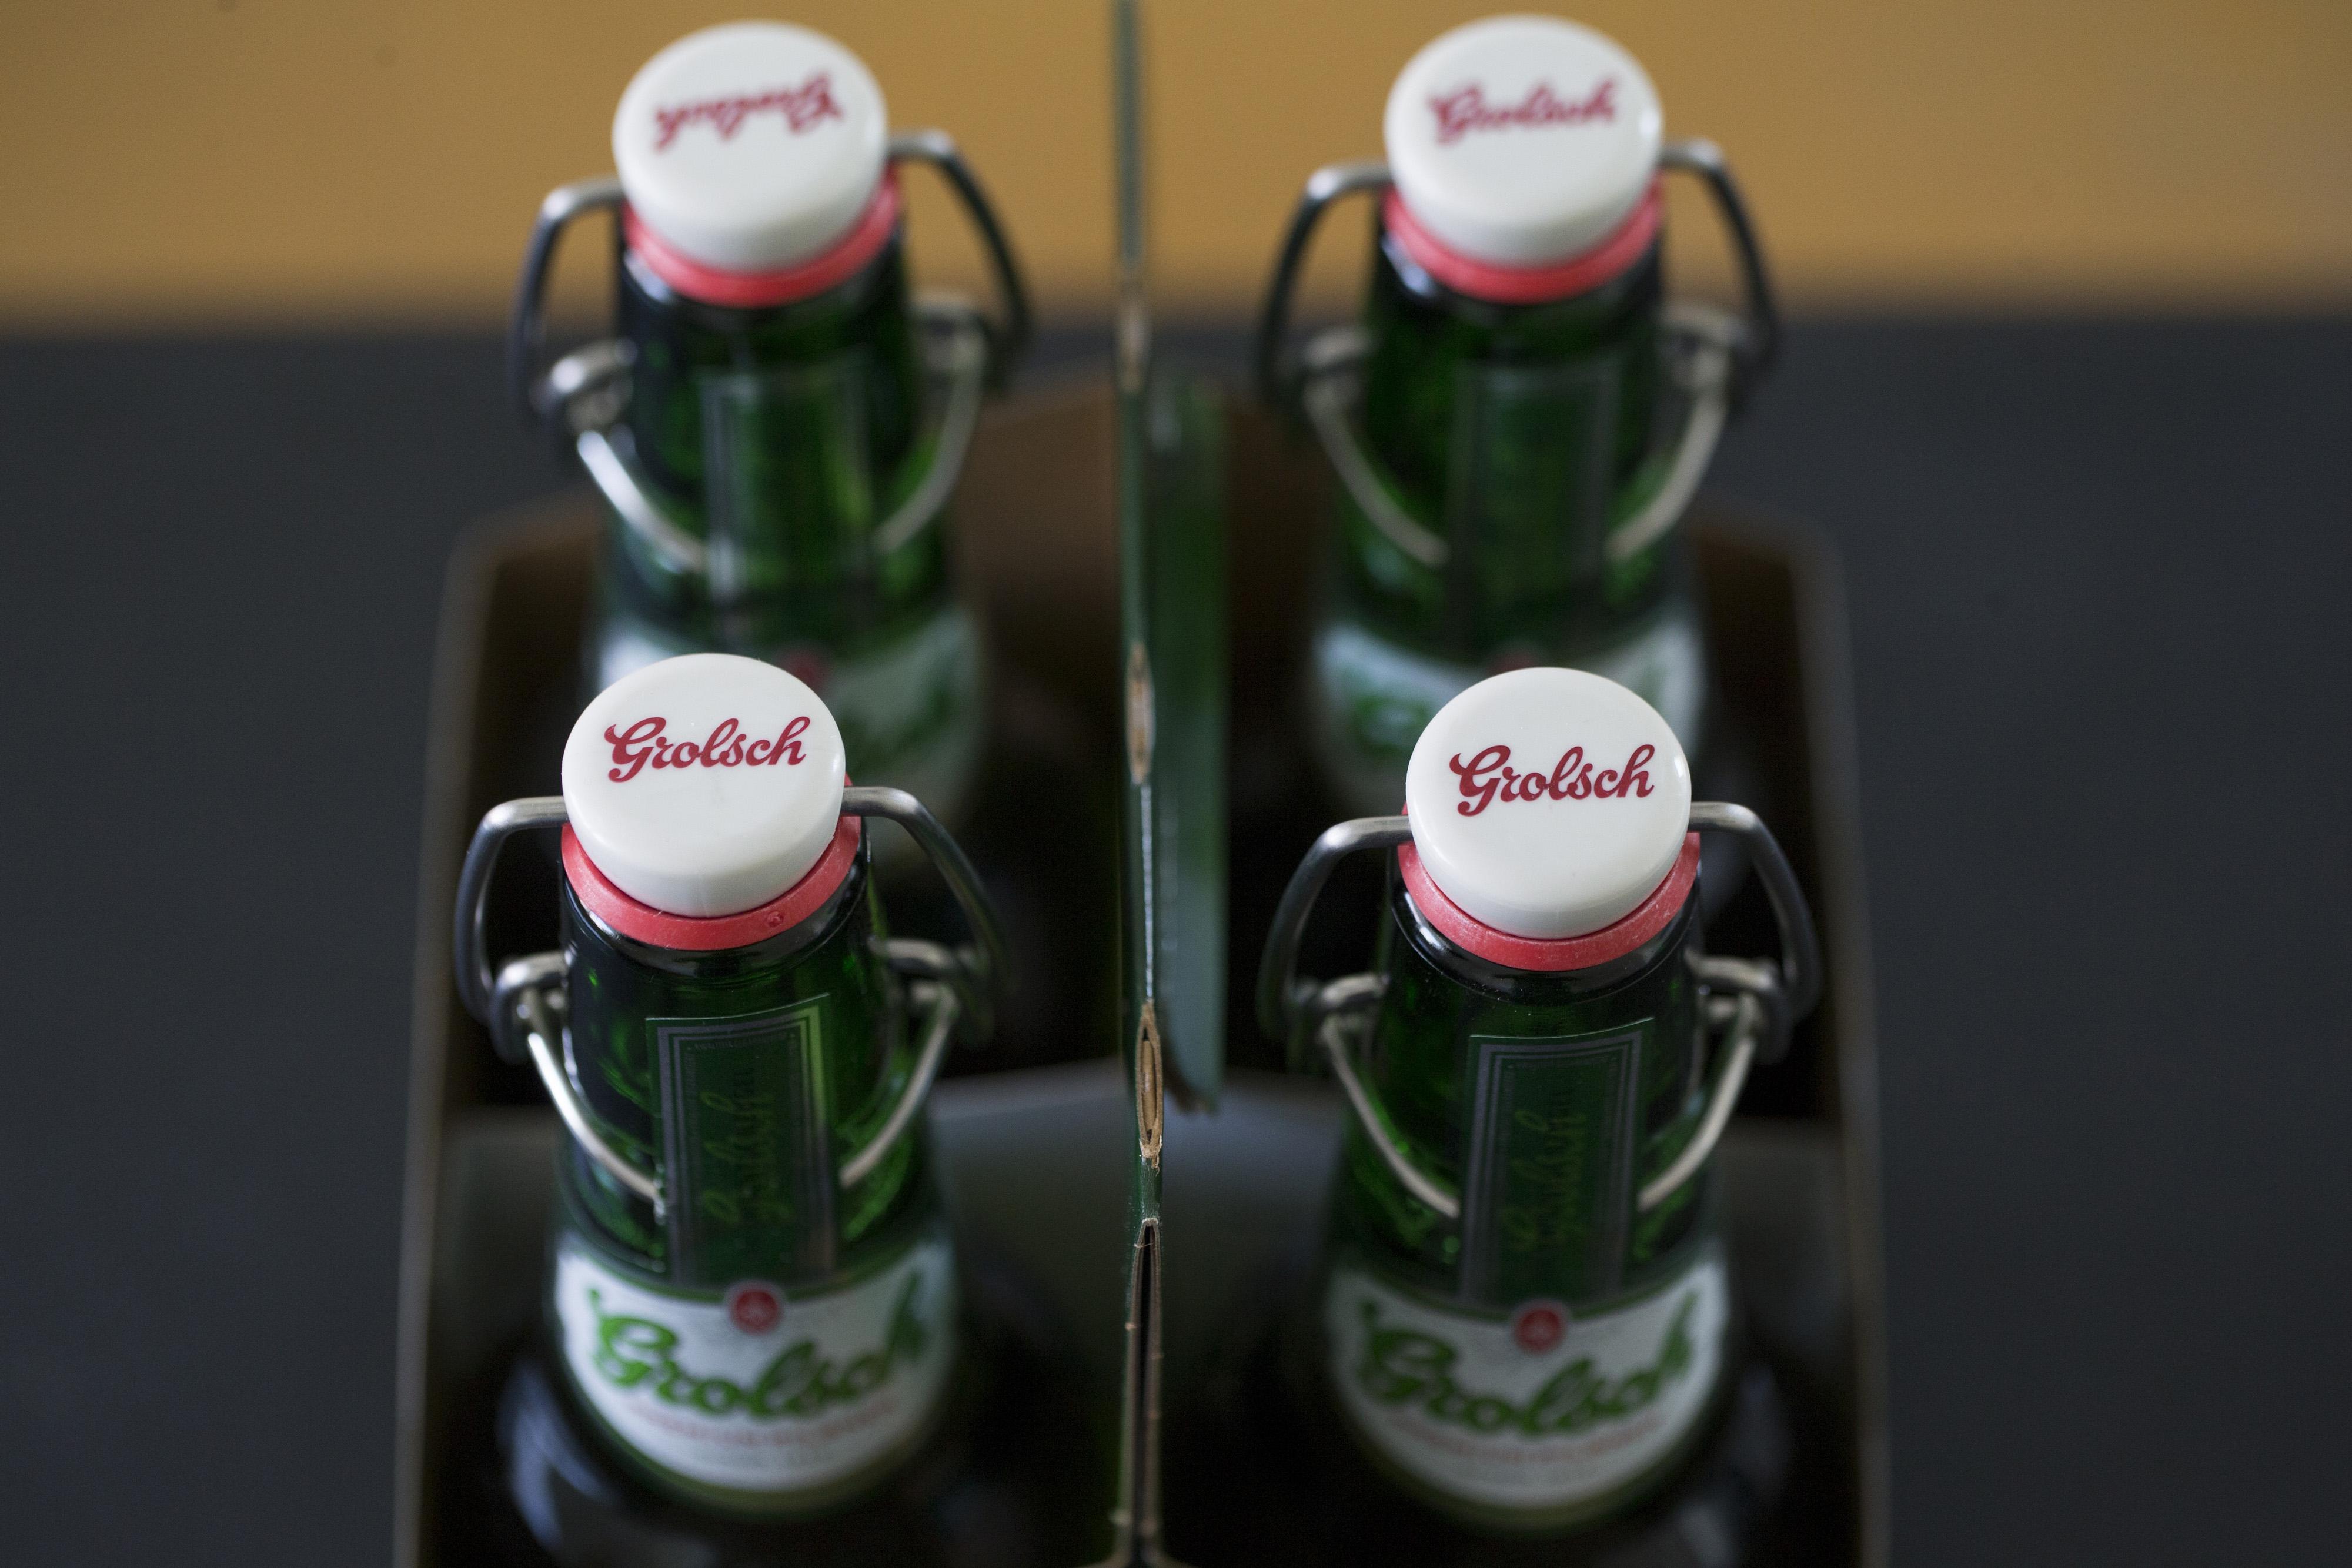 Grolsch Beer Illustrations As Asahi Group Holdings Ltd. Makes Offer For European Beer Brand